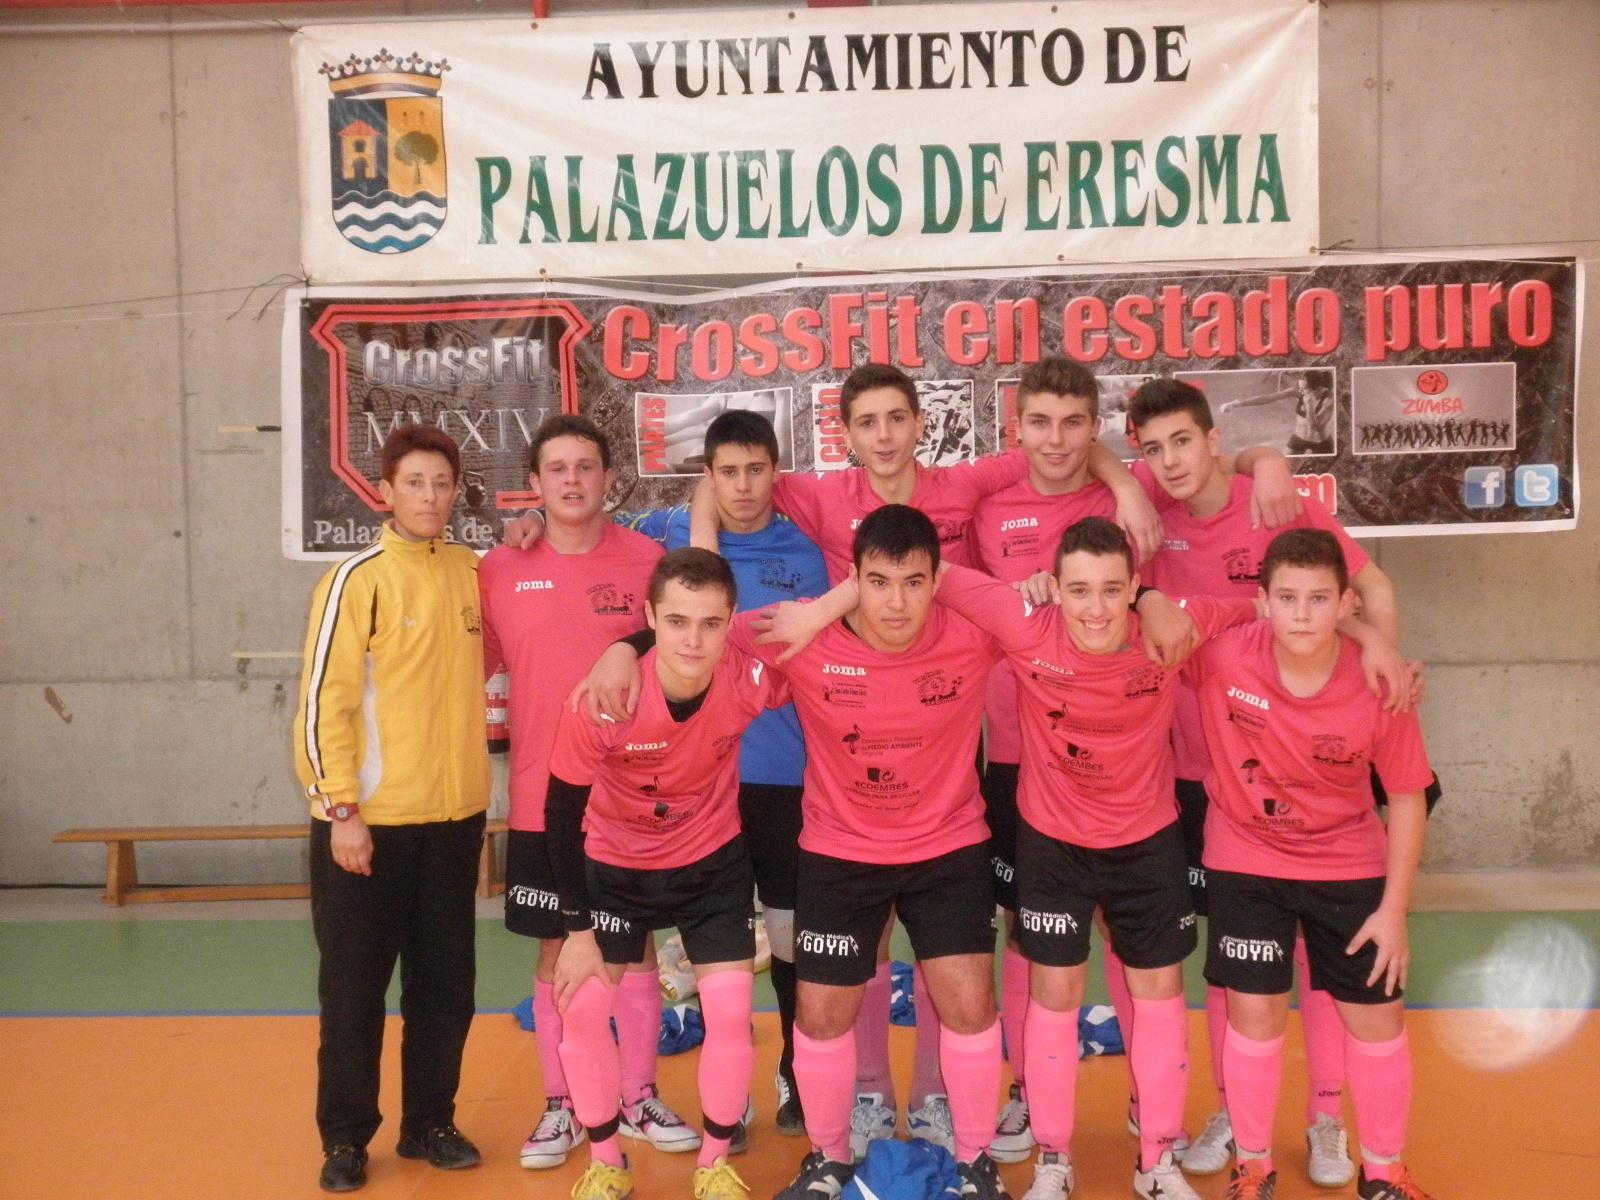 Unión Fútbol Sala y CD Monteresma se adjudican el torneo de Palazuelos